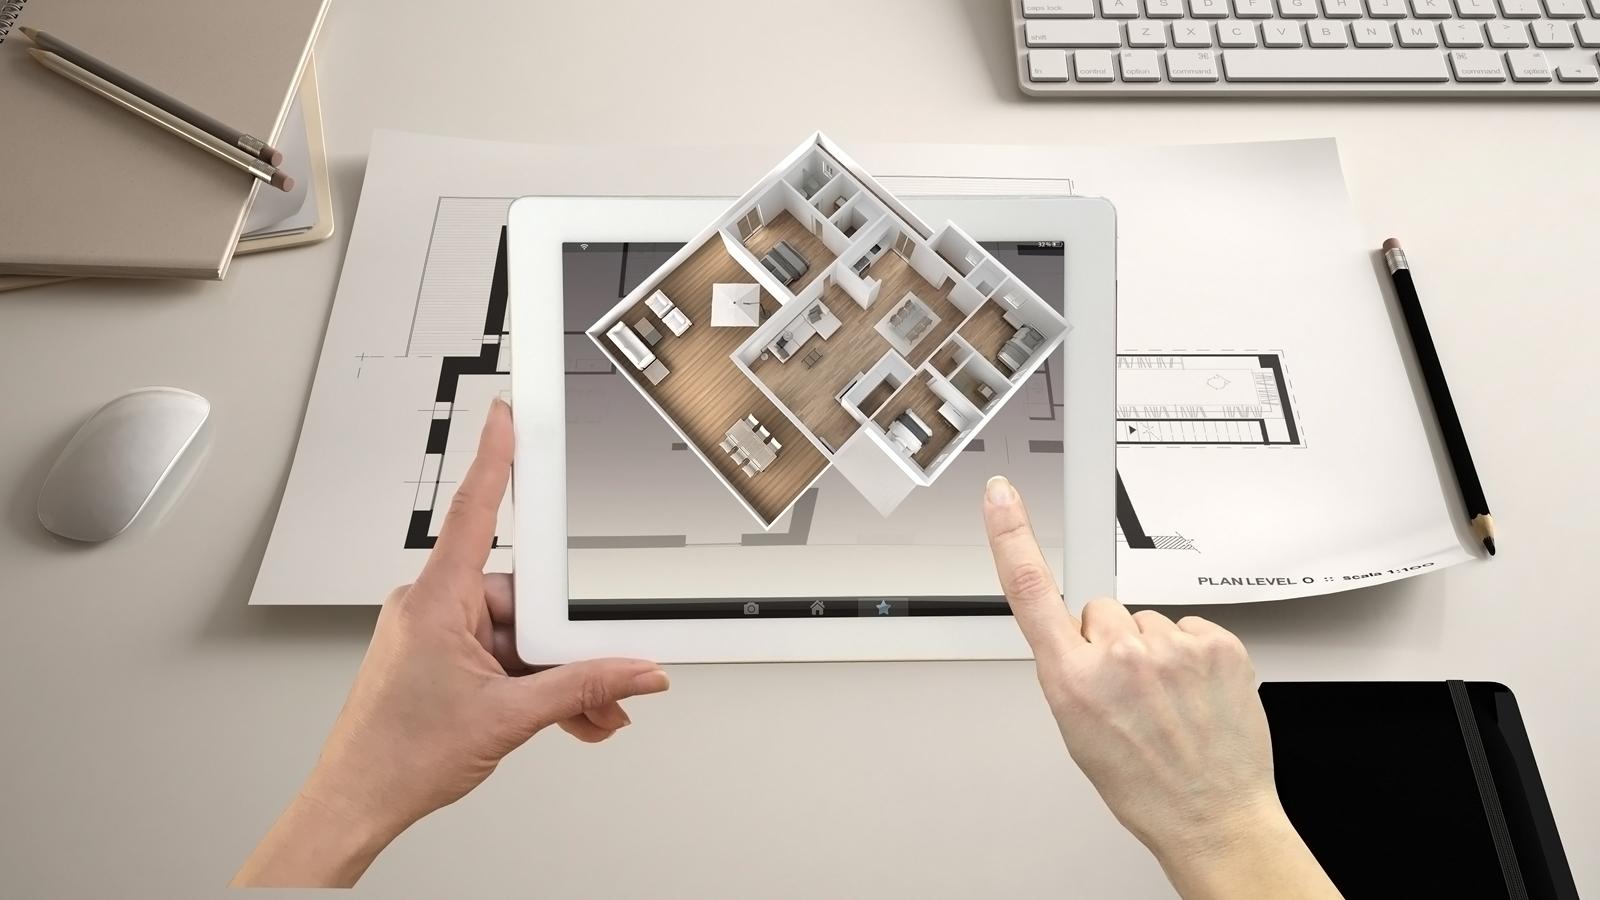 Haus planen? Mit diesen kostenlosen Hausbau-Apps für Android ...